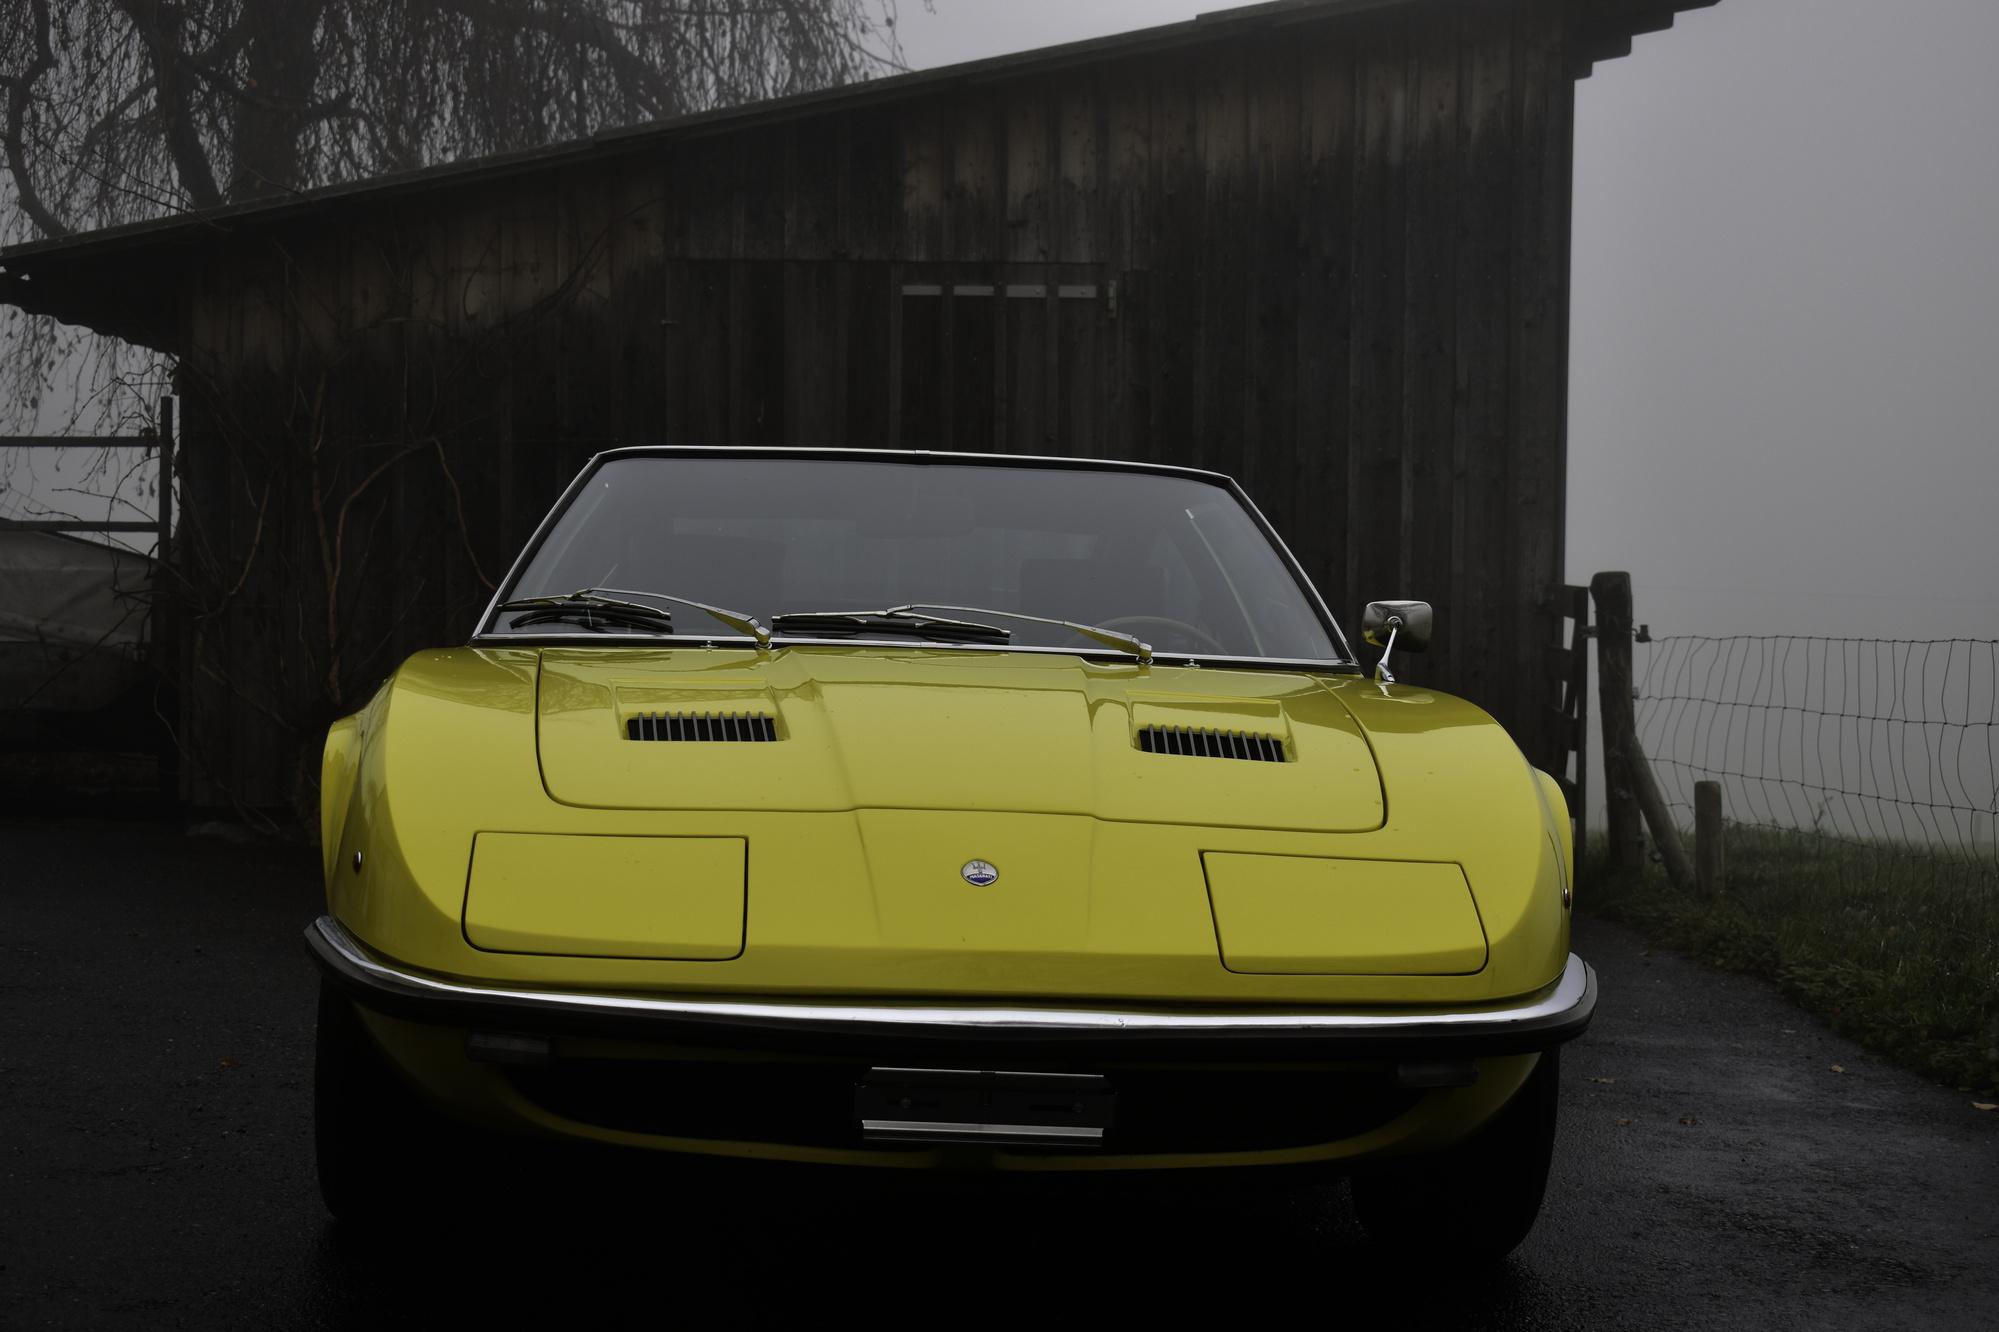 Gelber Maserati Iny 4200 4.2 Liter AM 116 mit schwarzem Interieur und Veteranenzulassung Oldtimer vor Holzschopf in Dreiviertelansicht von vorne rechts in nebliger Landschaft